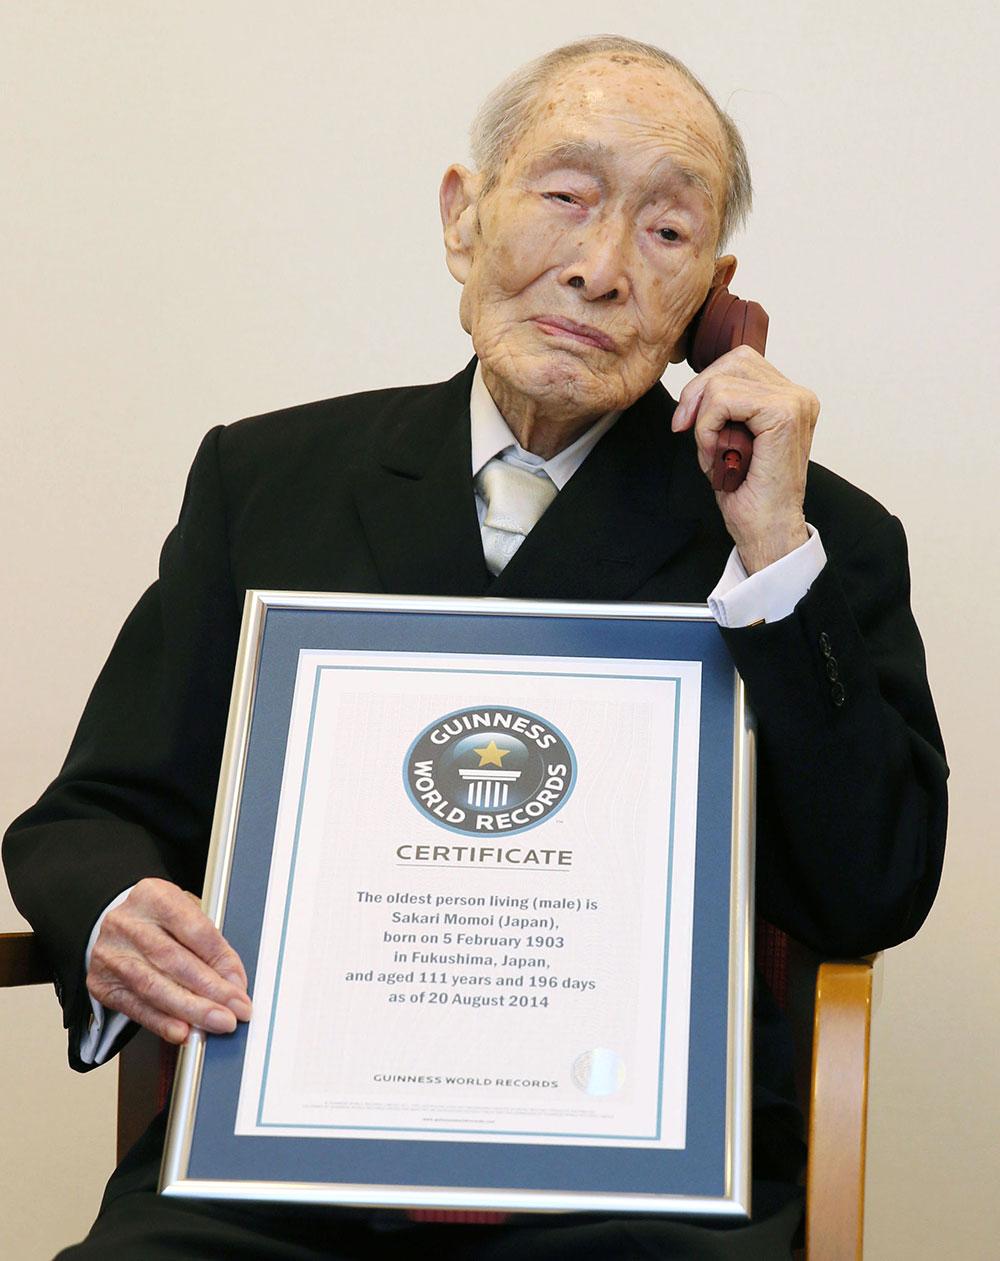 Momoi, un apasionado de la poesía, asegura que no hay un truco especial para la longevidad.